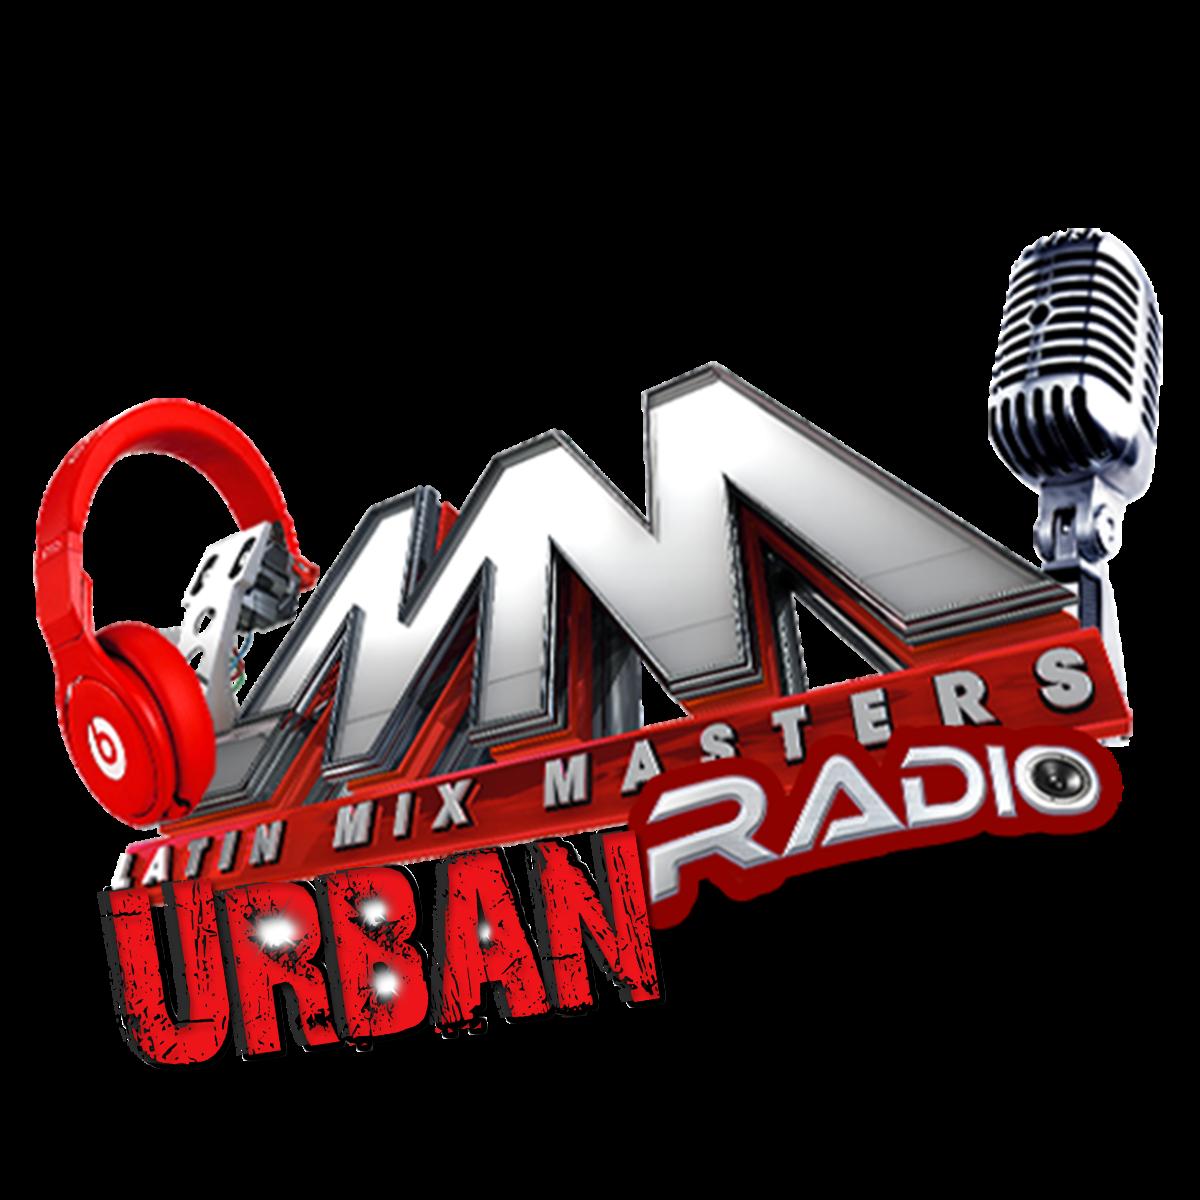 LMM Urban Radio / #1 HipHop & More / Live Djs - MixMastersDjs.com